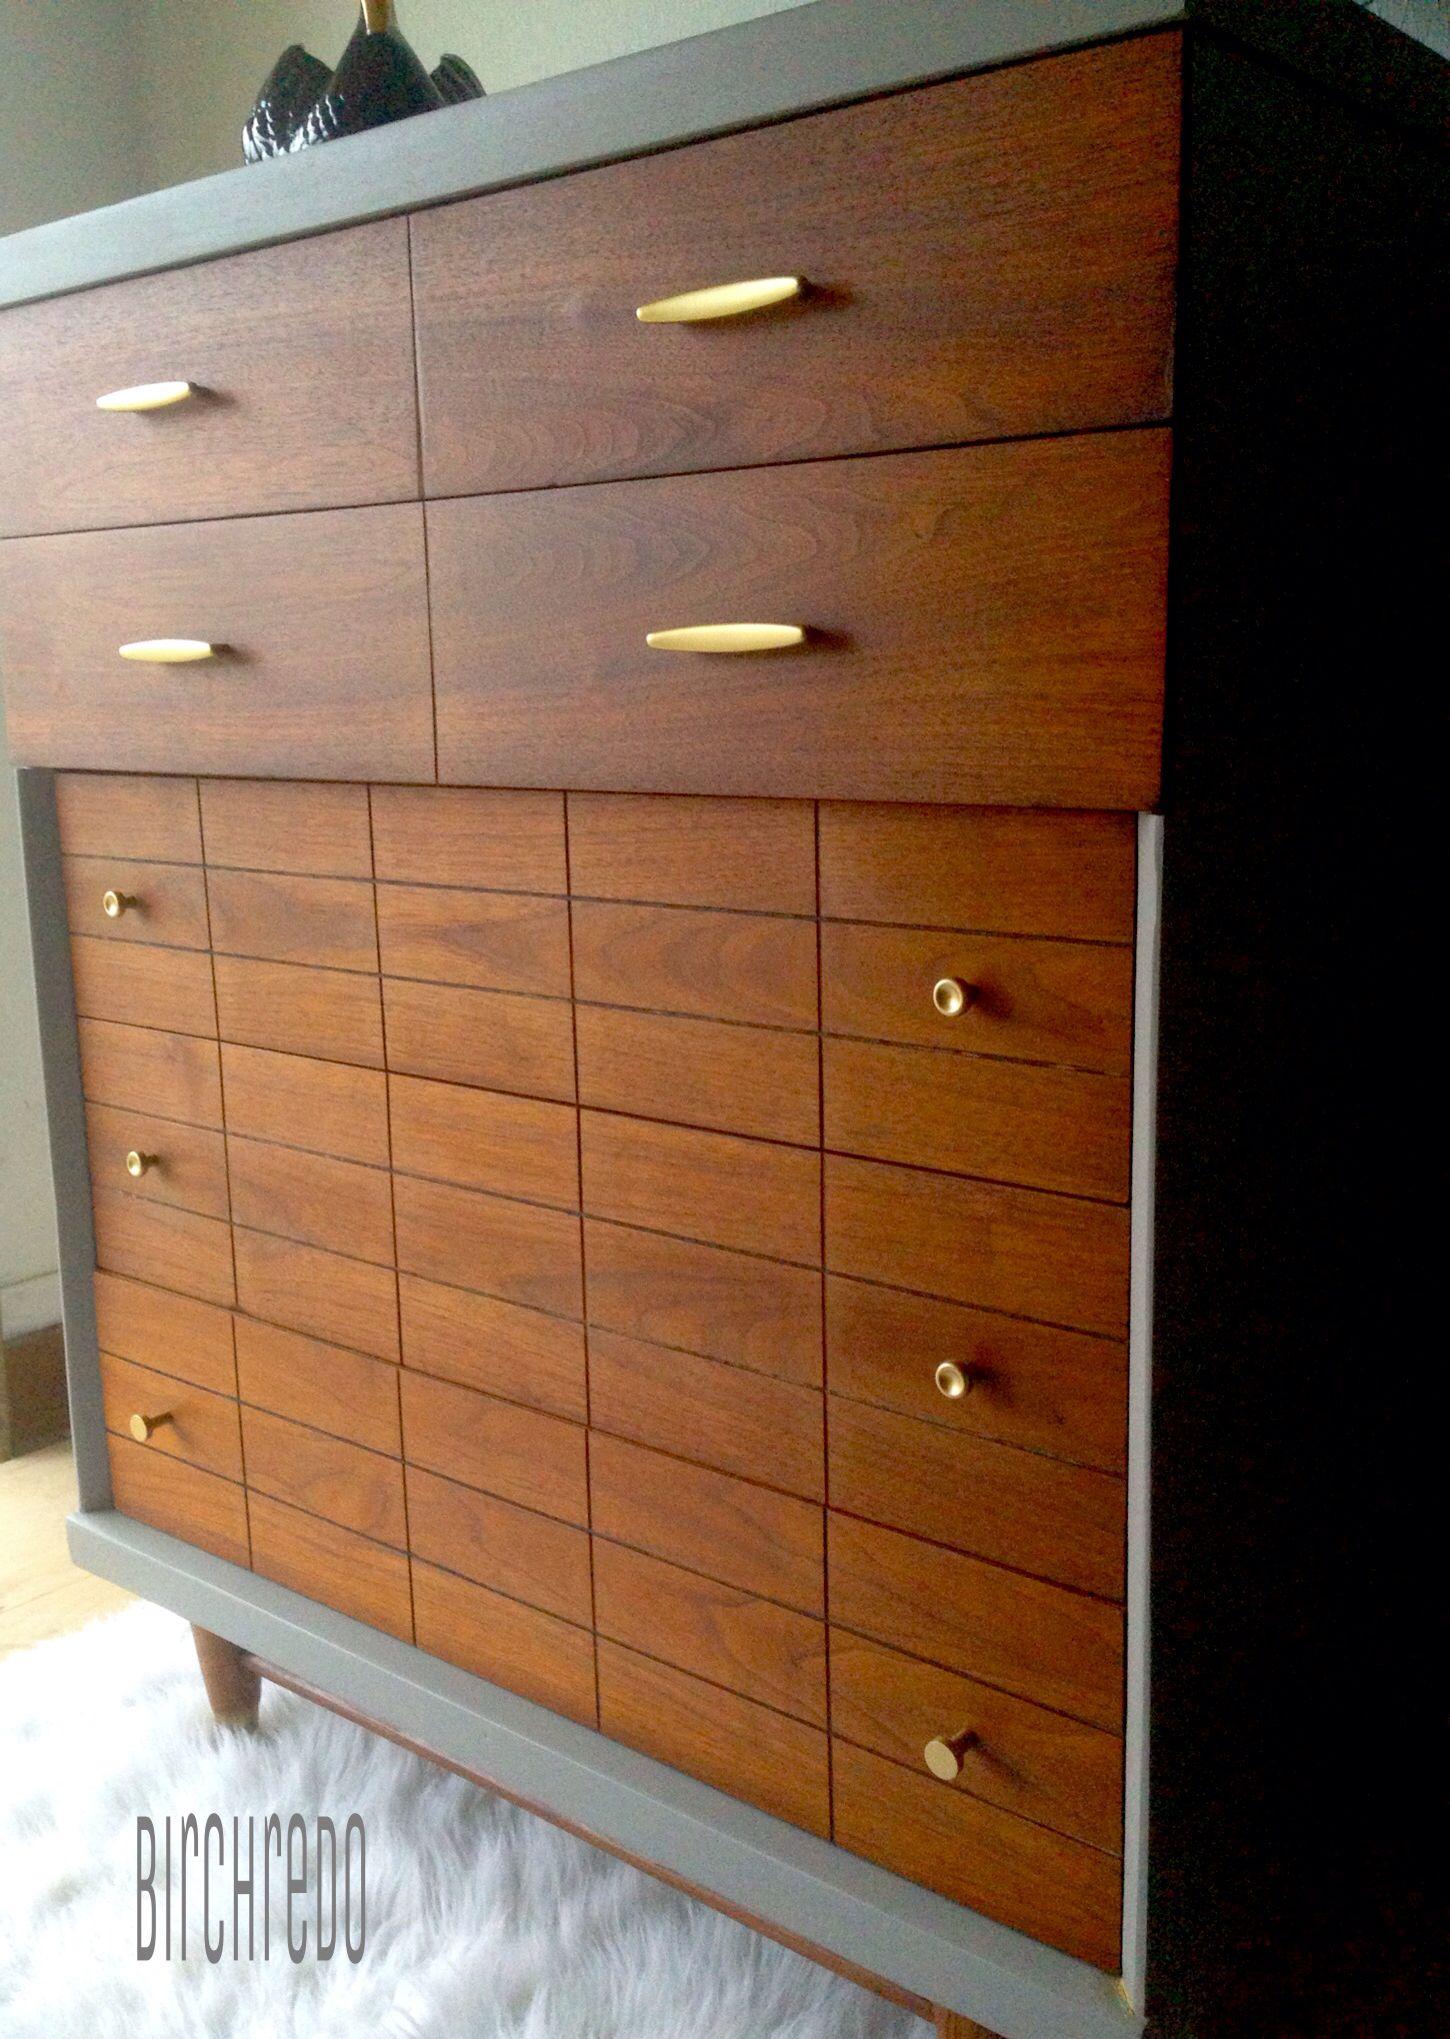 Nice Mid Century Modern Harmony House Dresser Refinished Walnut Stain And  Sherwin Williamsu0027 Dovetail Grey By BirchRedo. Www.facebook.com/BirchRedo  #BirchRedo